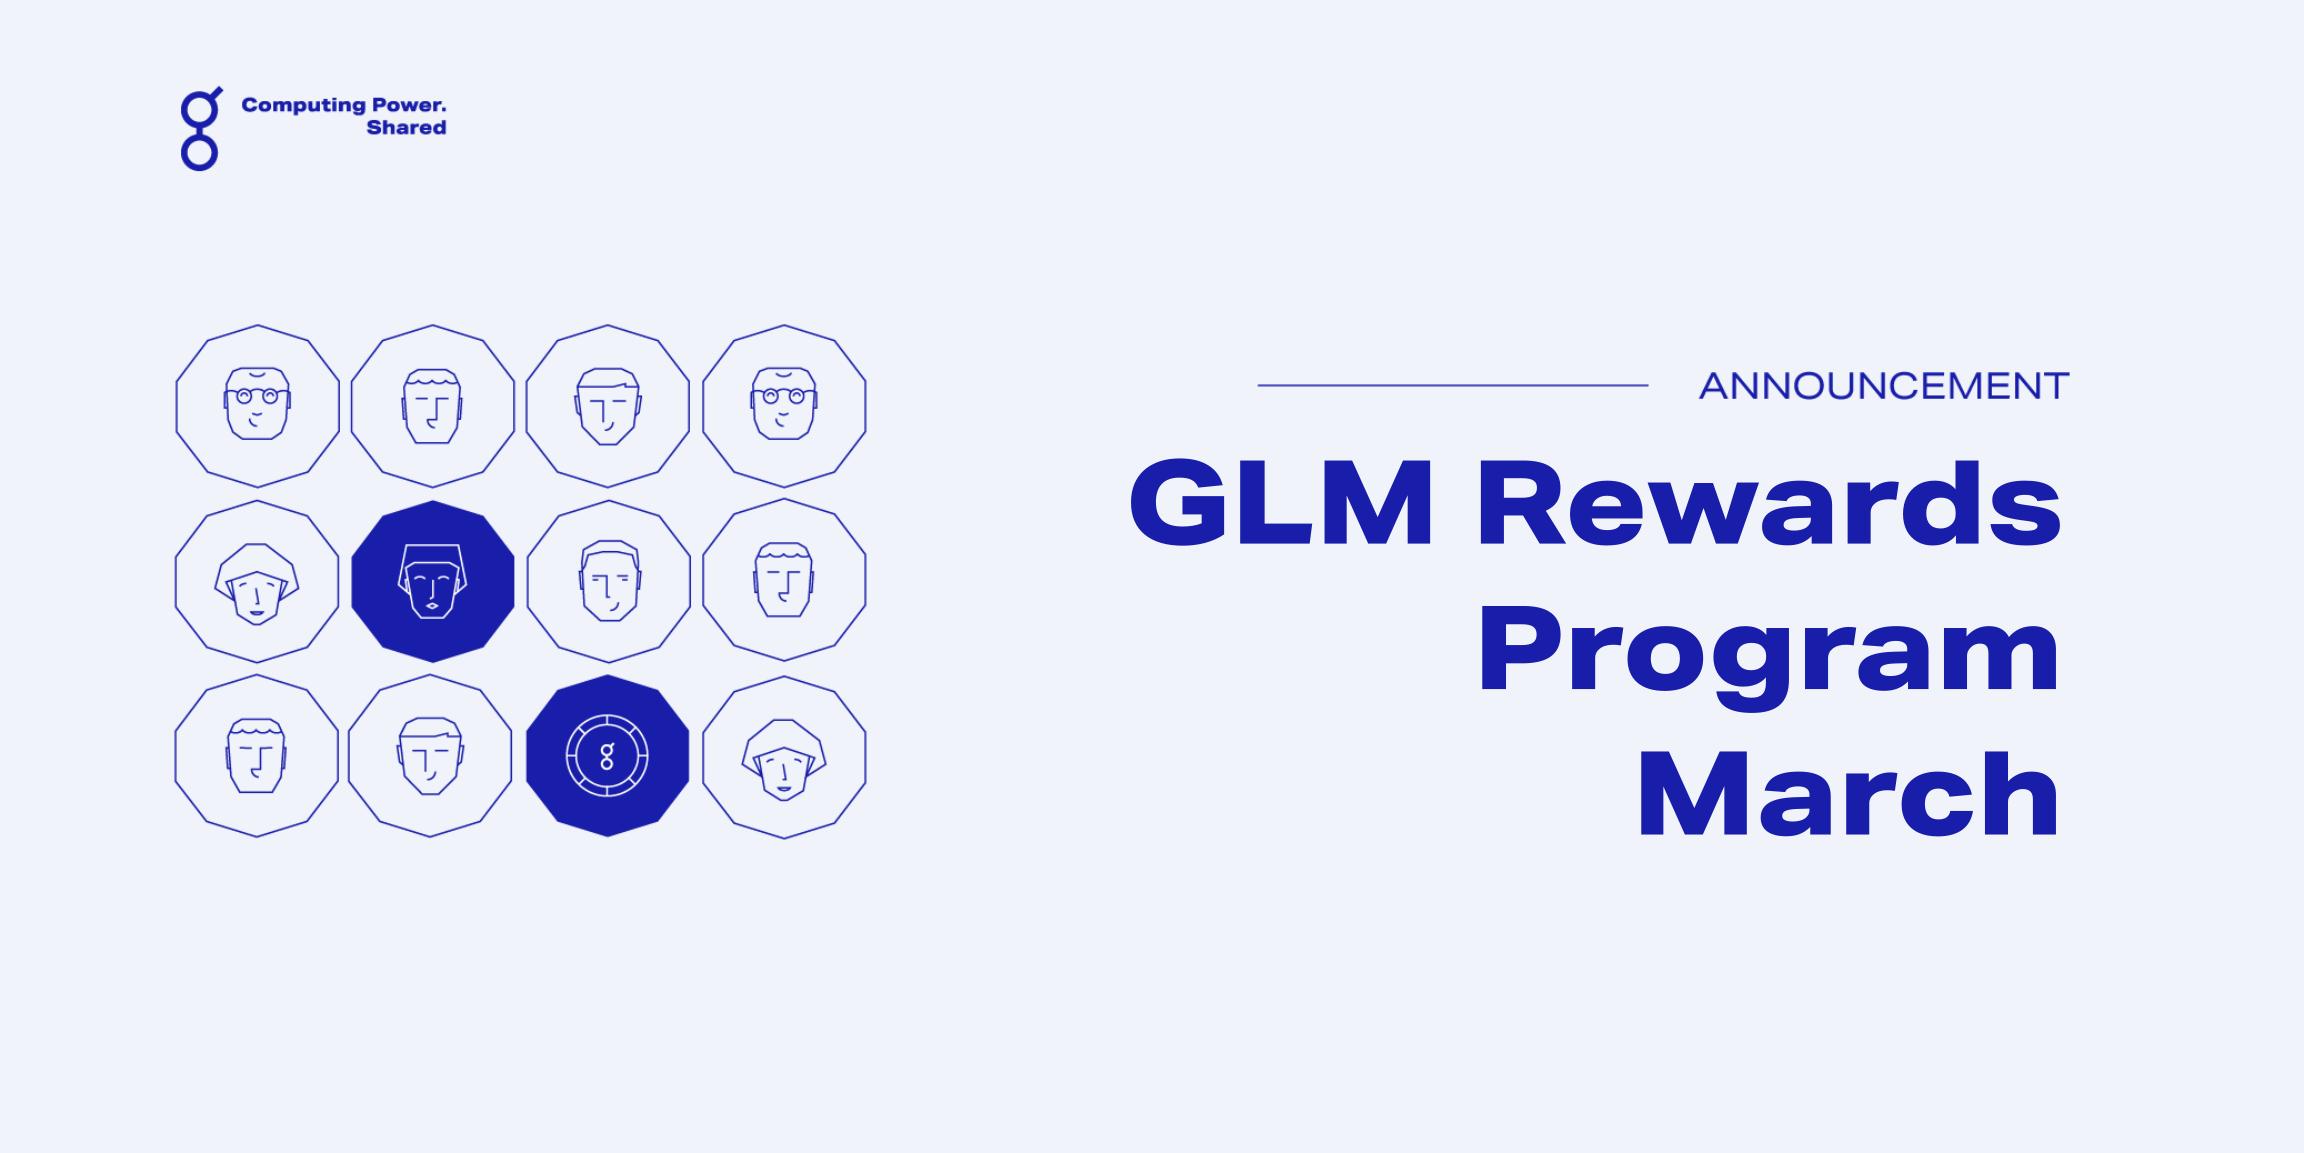 GLM Rewards Program March Update!